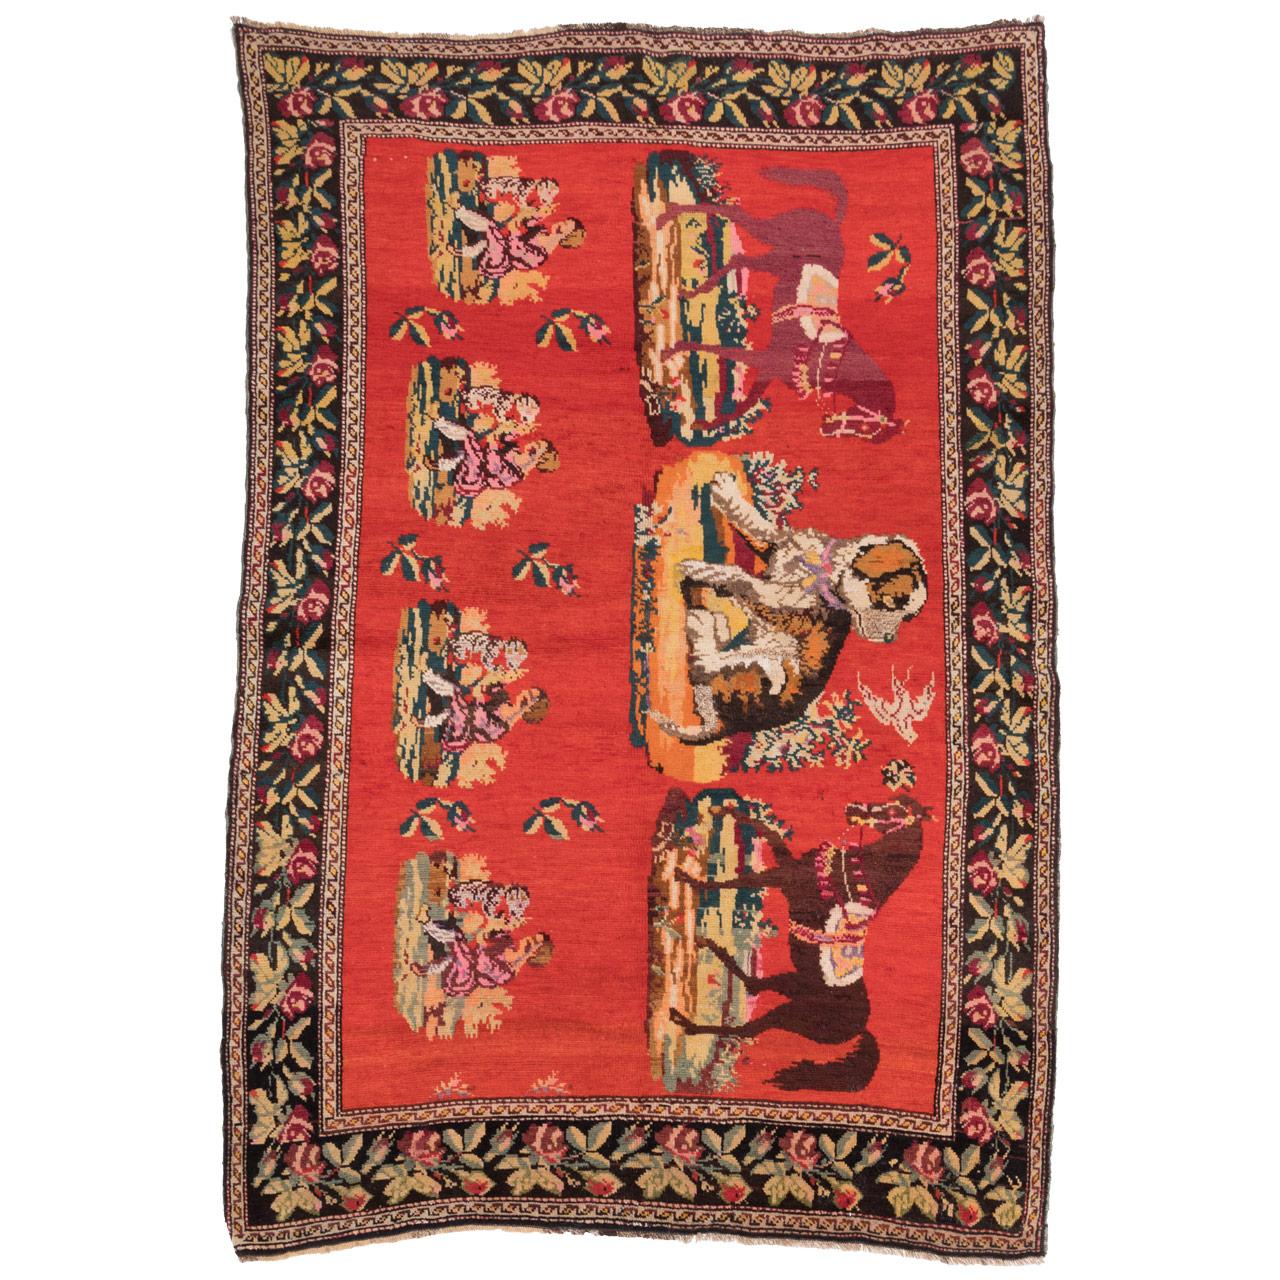 فرش دستباف قدیمی سه متری سی پرشیا کد 170003